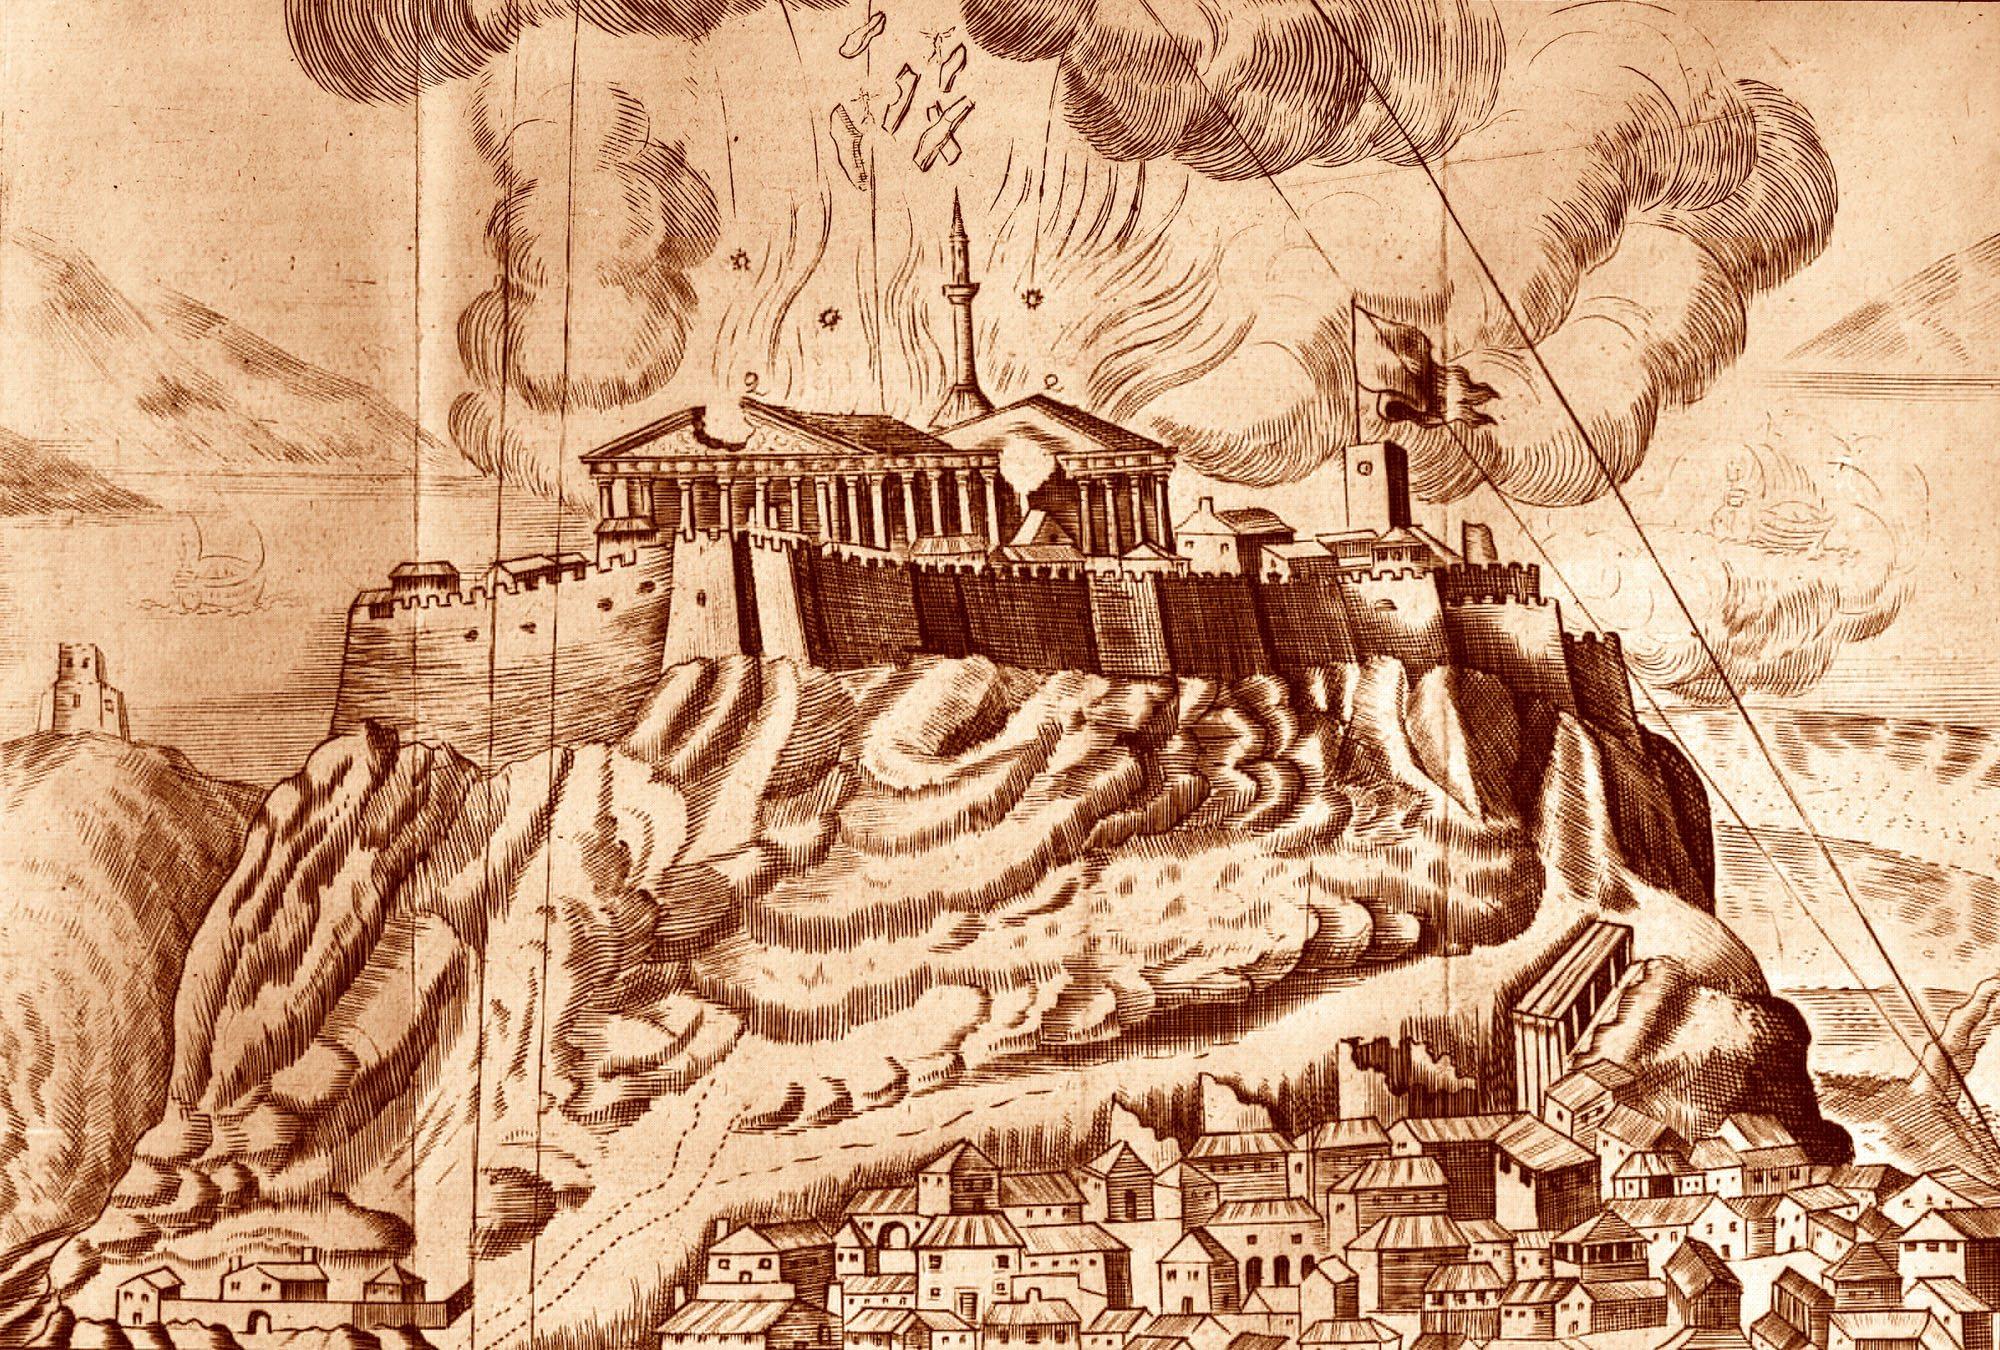 0118384 H. La explosión del Partenón en 1687